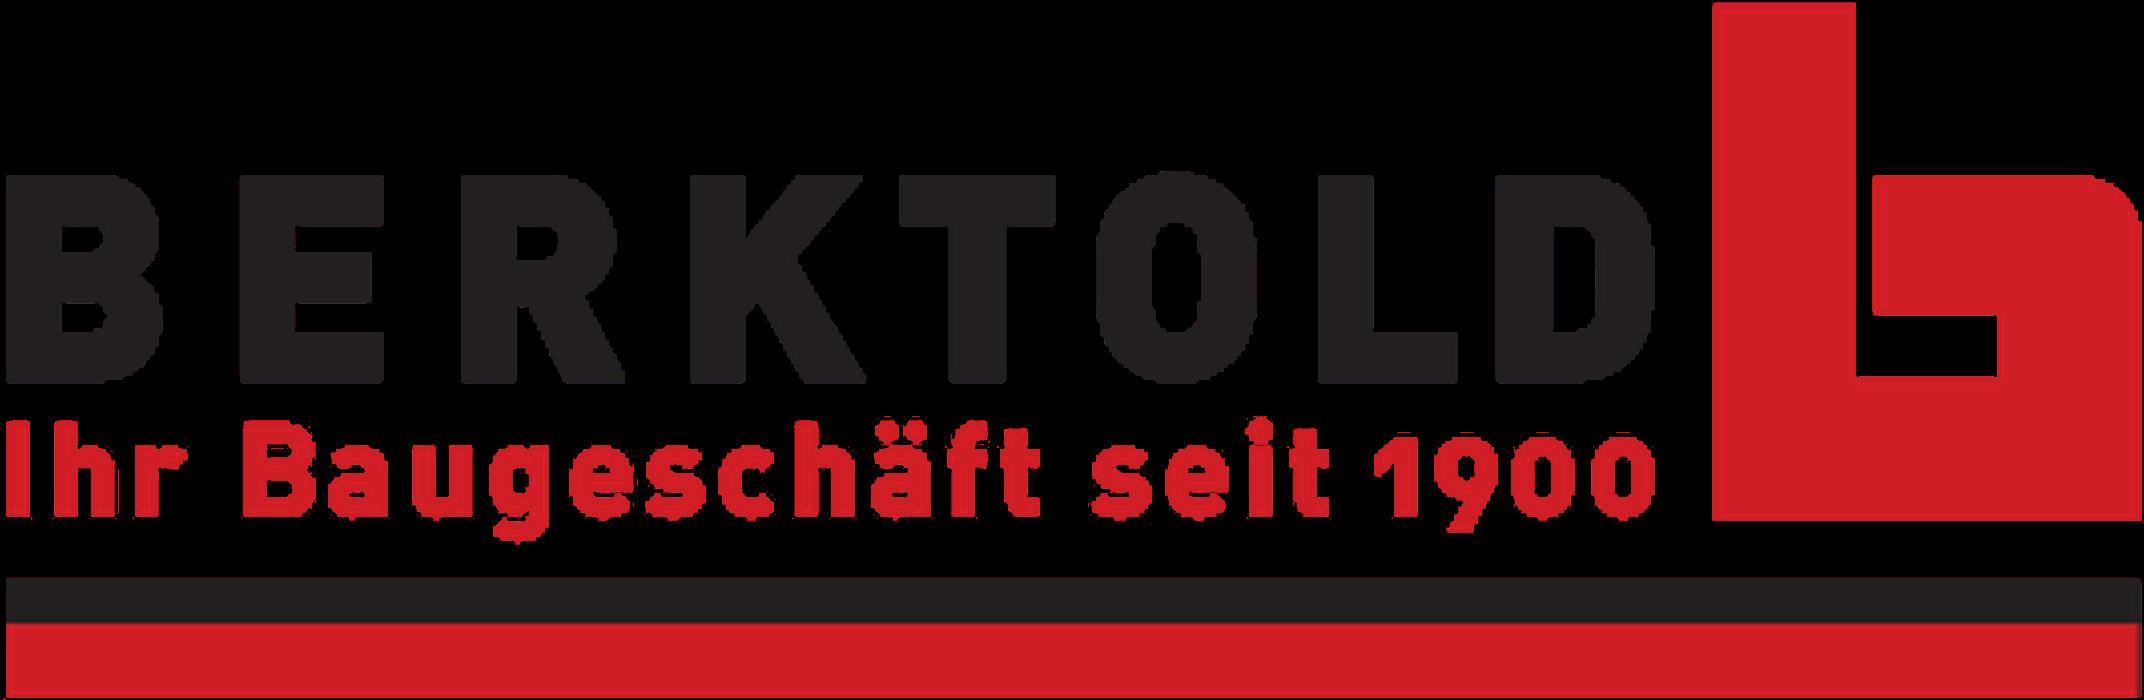 Bild zu Baugeschäft Berktold GmbH & Co. KG in Pforzen